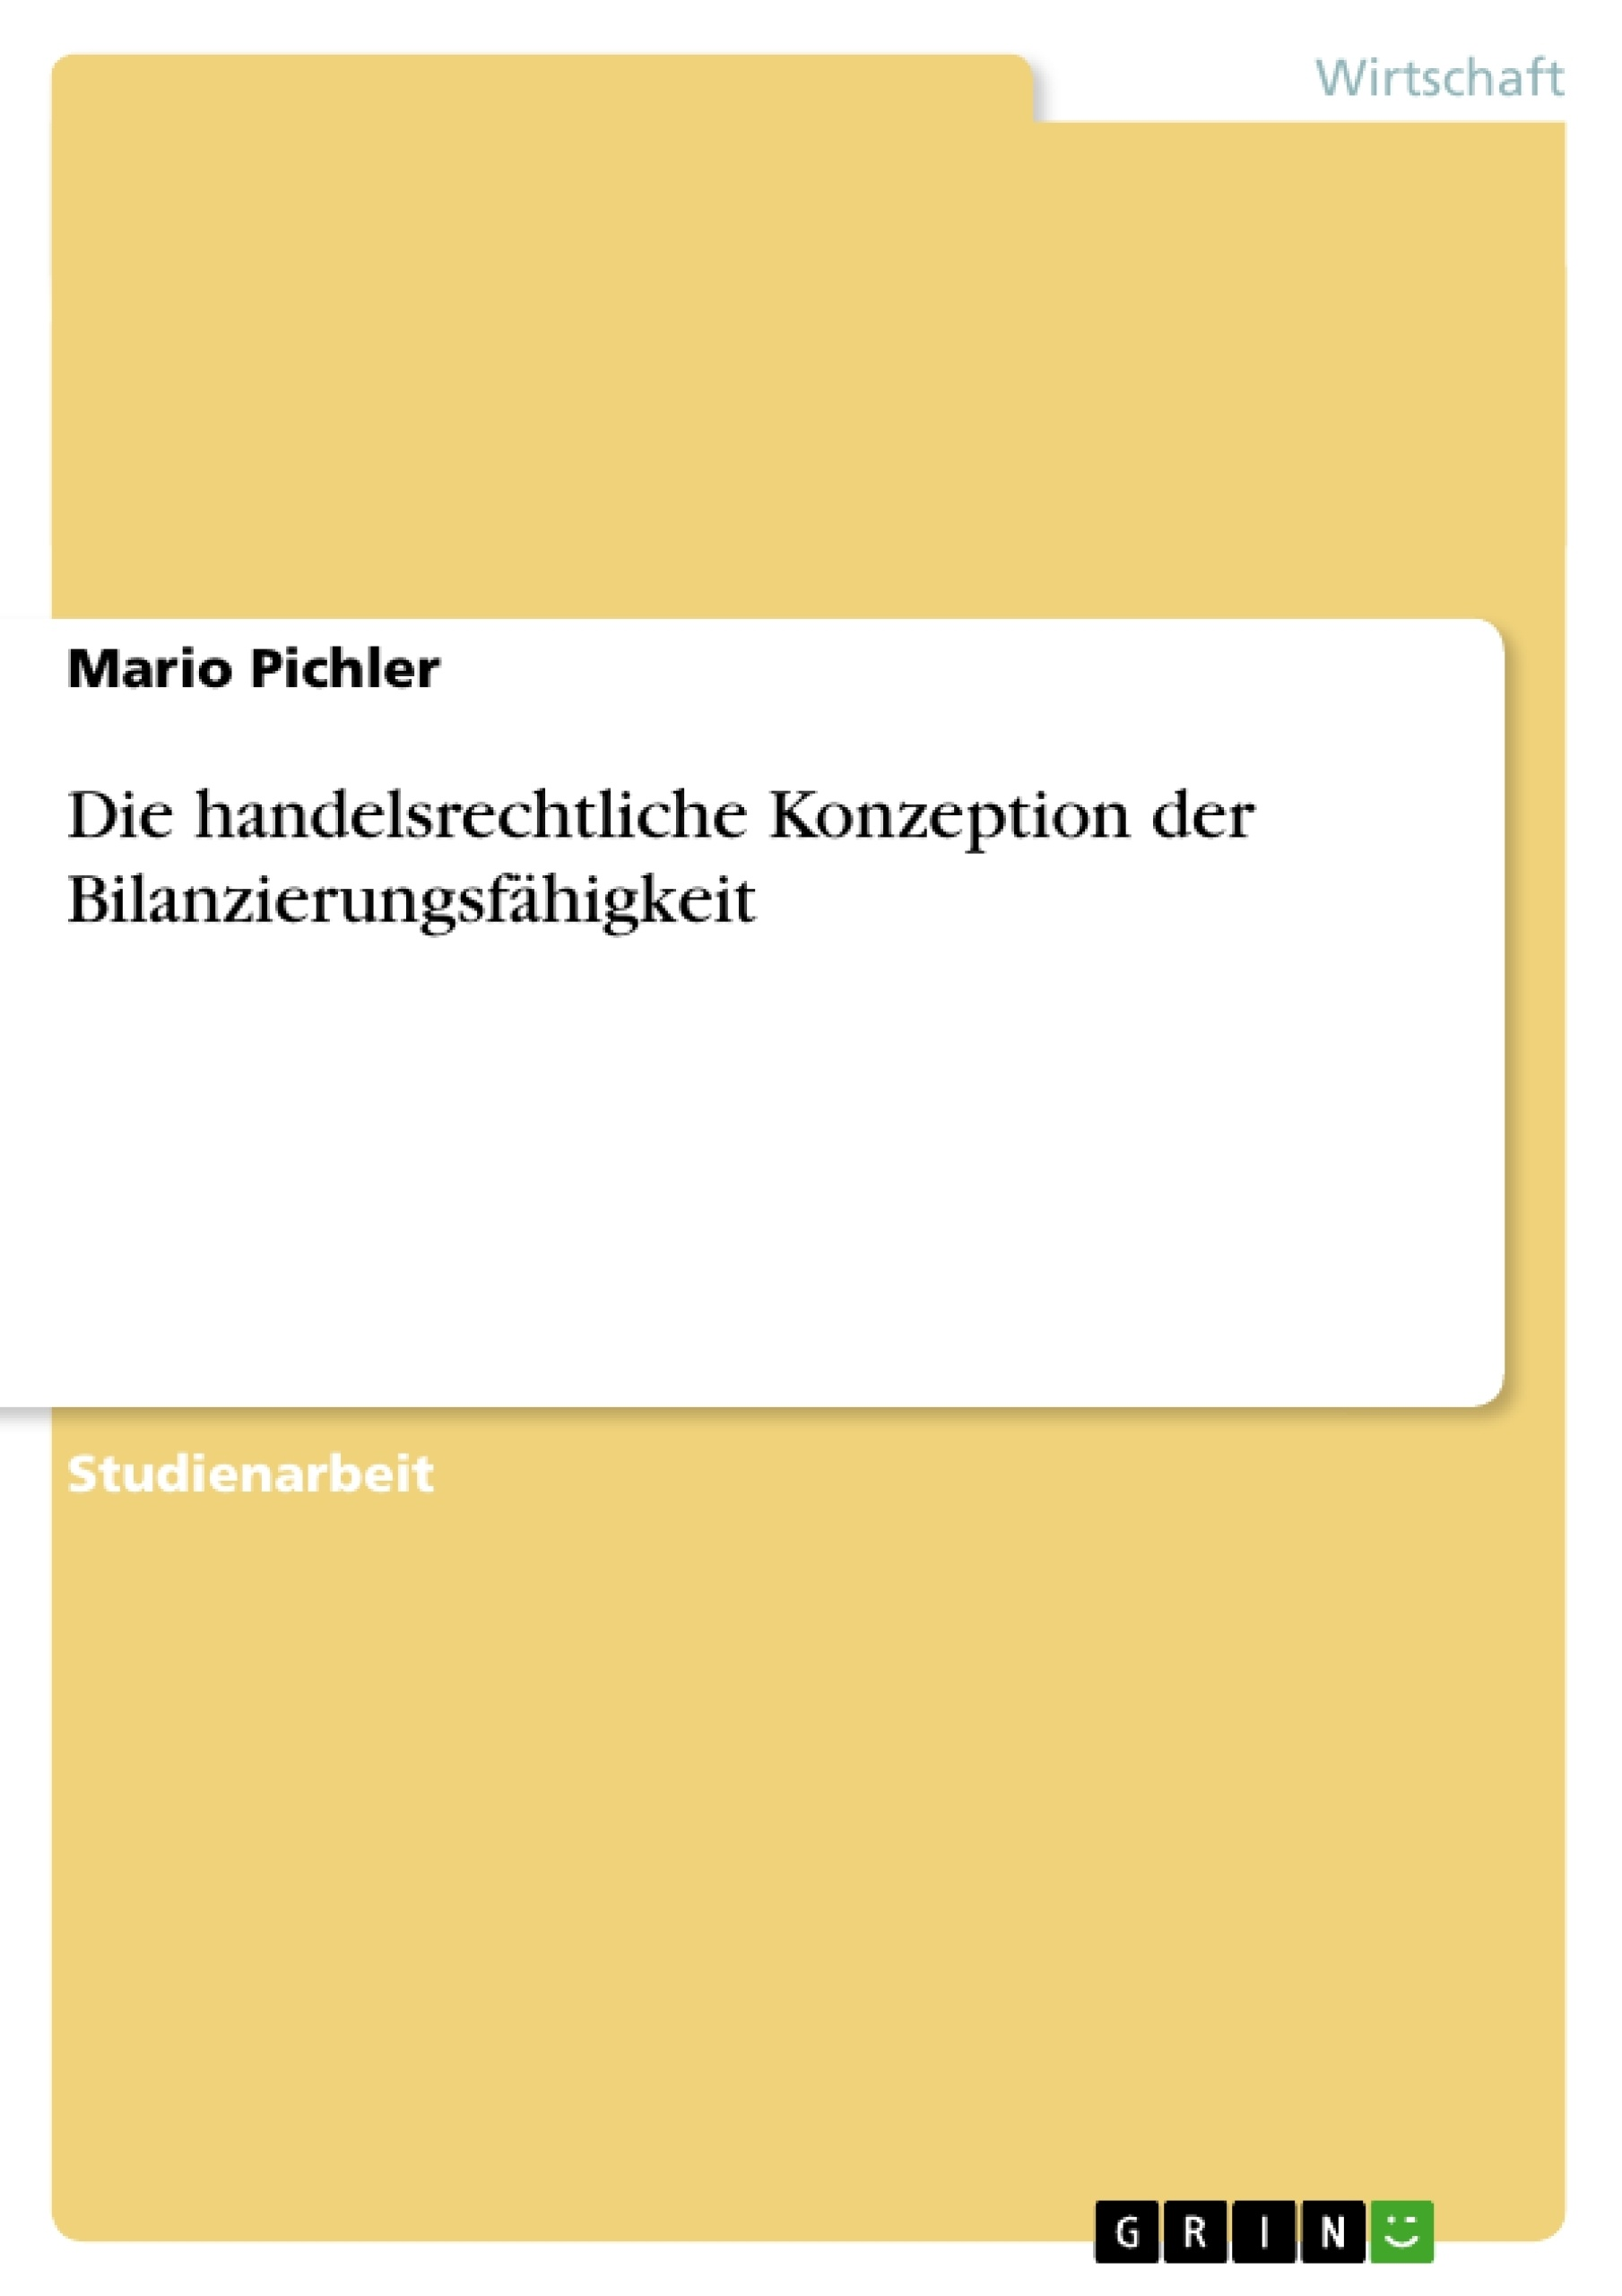 Titel: Die handelsrechtliche Konzeption der Bilanzierungsfähigkeit